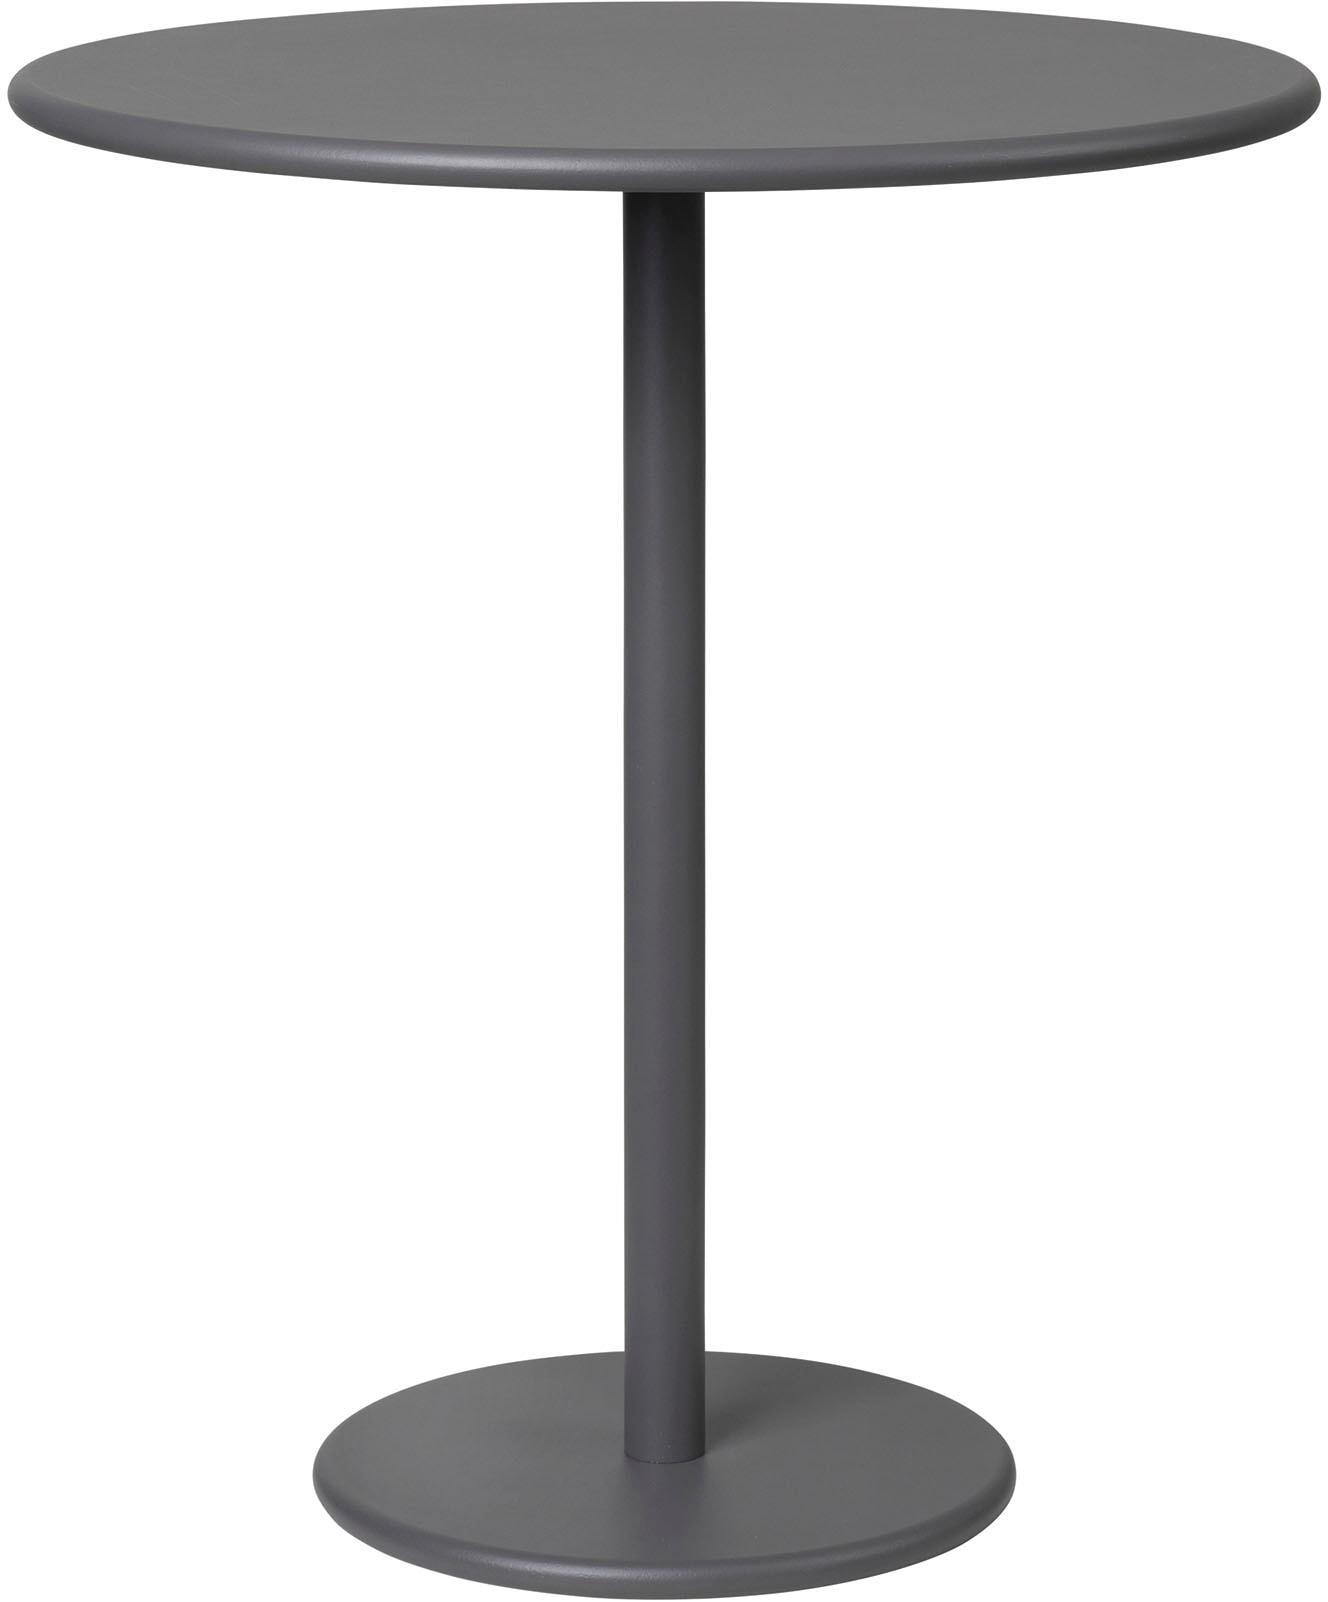 BLOMUS Beistelltisch Garten -STAY- Warm Gray grau Beistelltische Tische